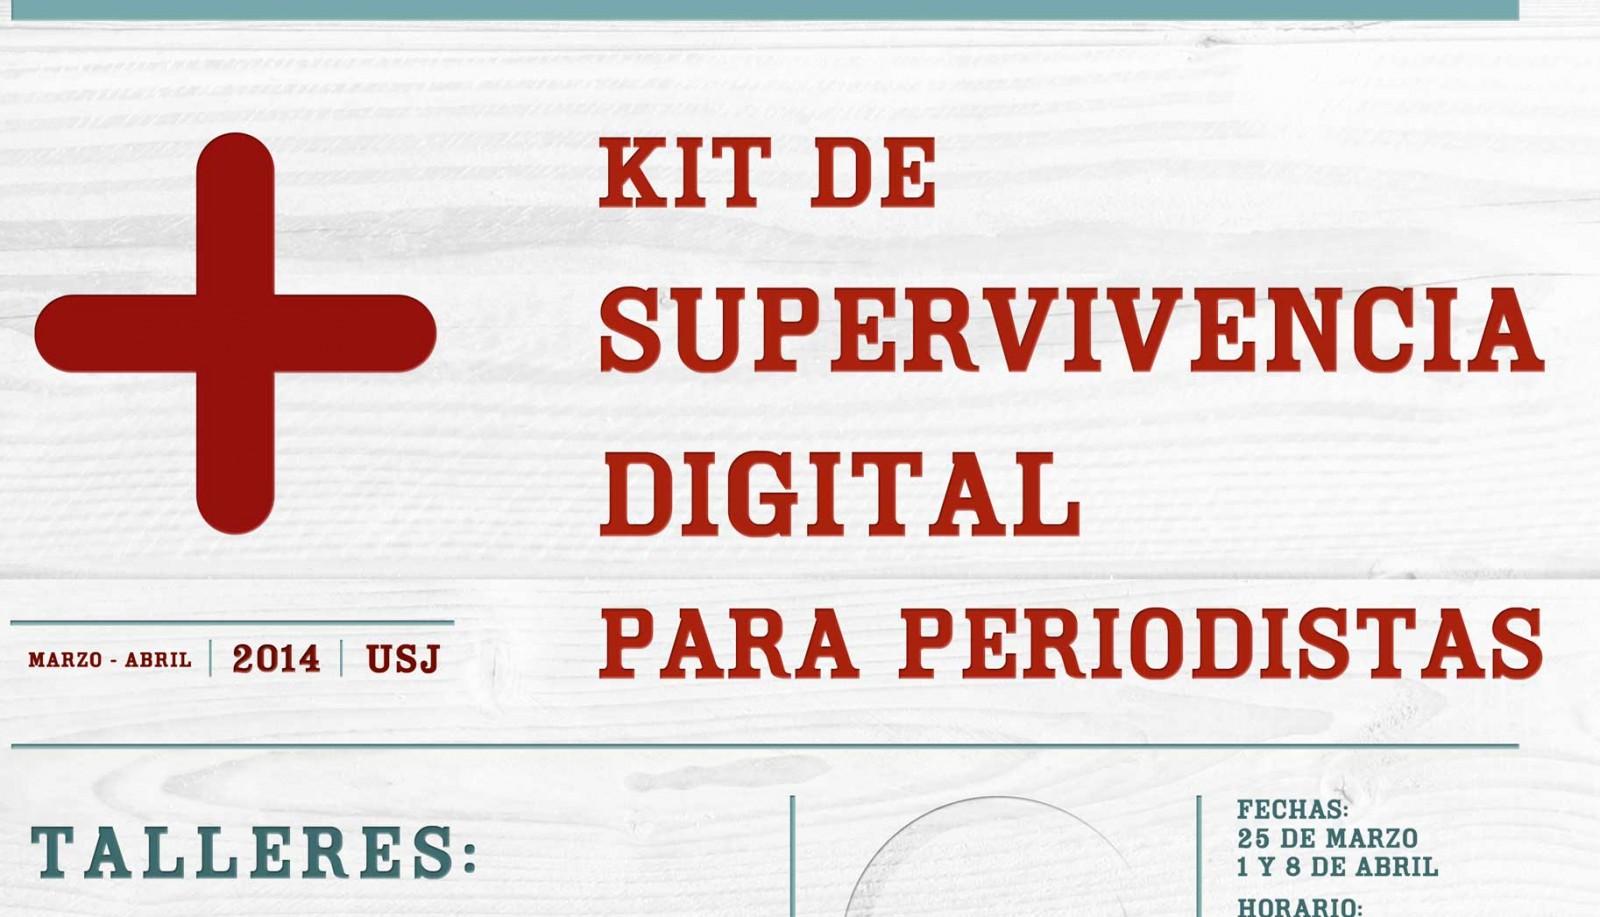 Kit de supervivencia digital para periodistas